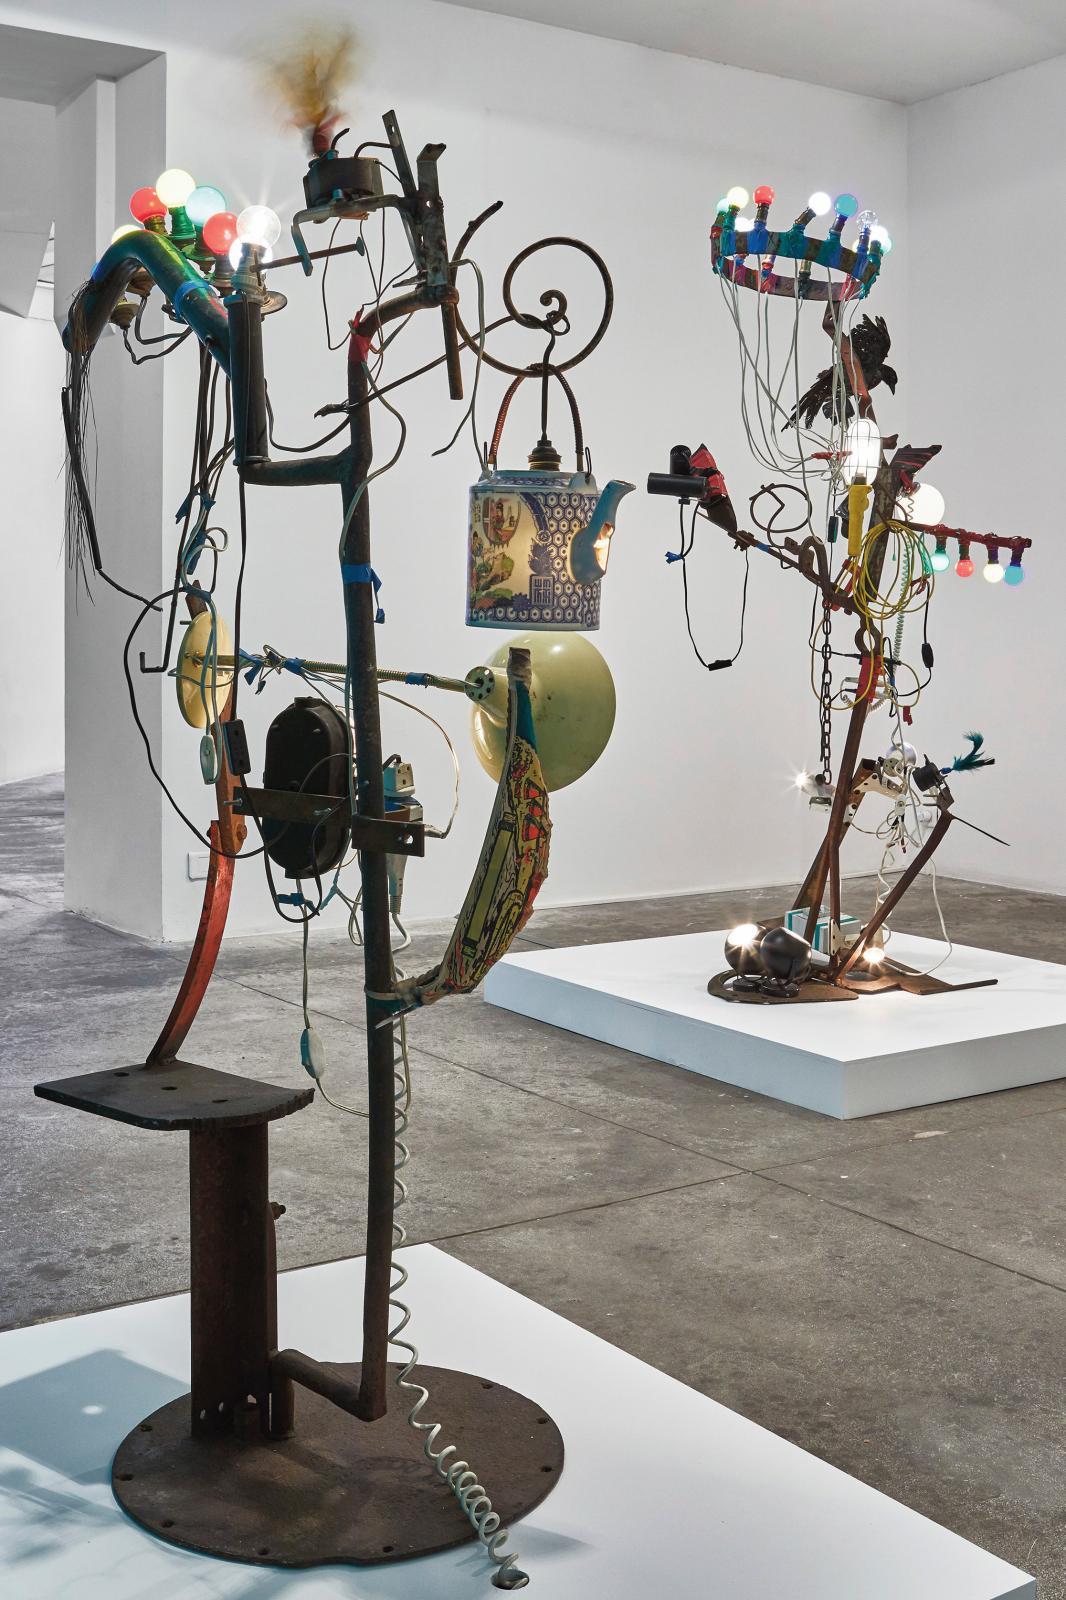 Vue de l'exposition  «Jean Tinguely - Bricolageset Débri(s)collages», à la galerie Georges-Philippeet Nathalie Vallois à Paris en 2019.